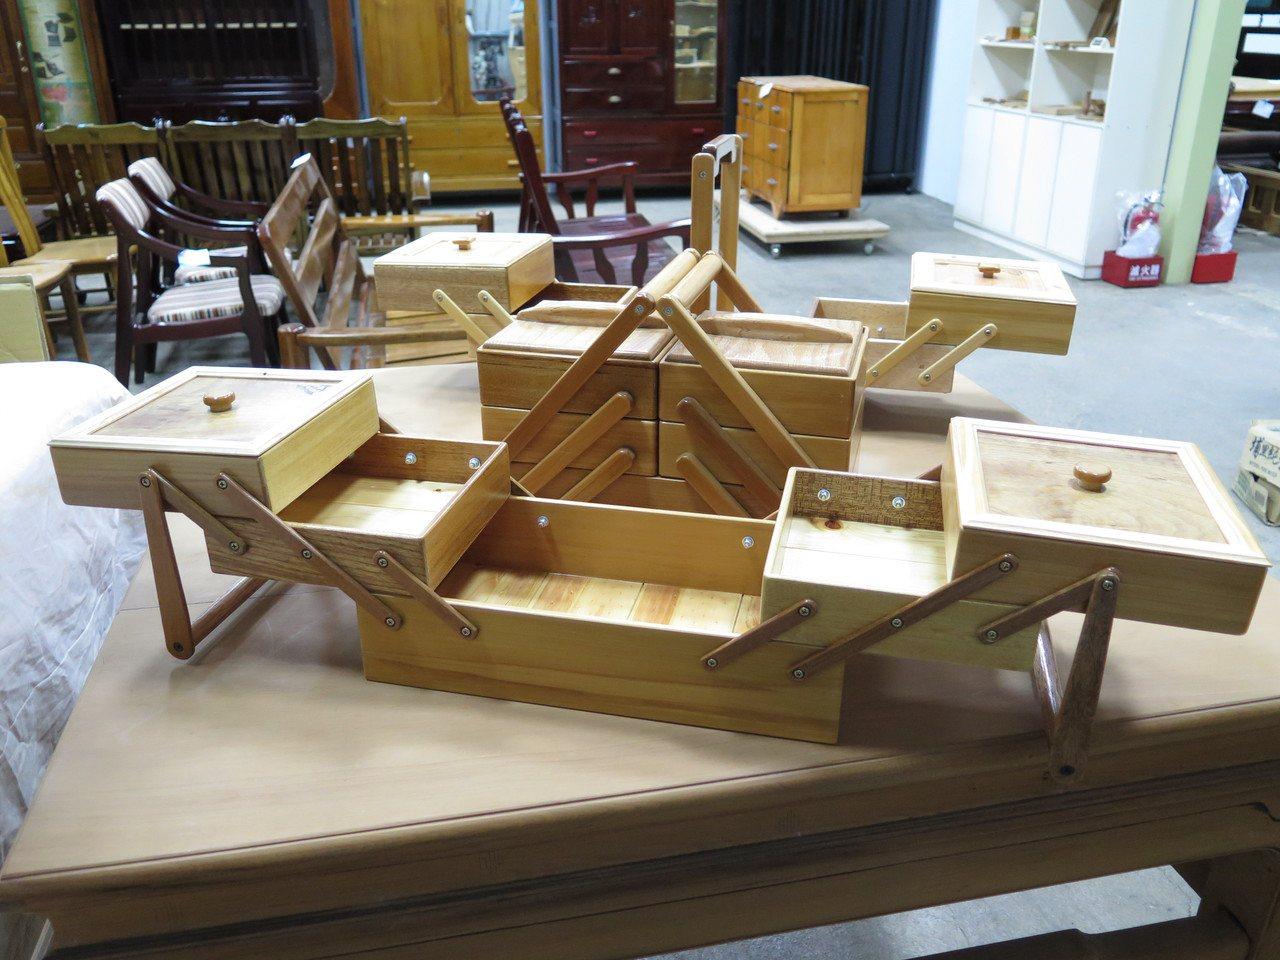 桃仔園修惜站精心製作提籃,可一秒打開,收納各式小物。記者張裕珍/攝影